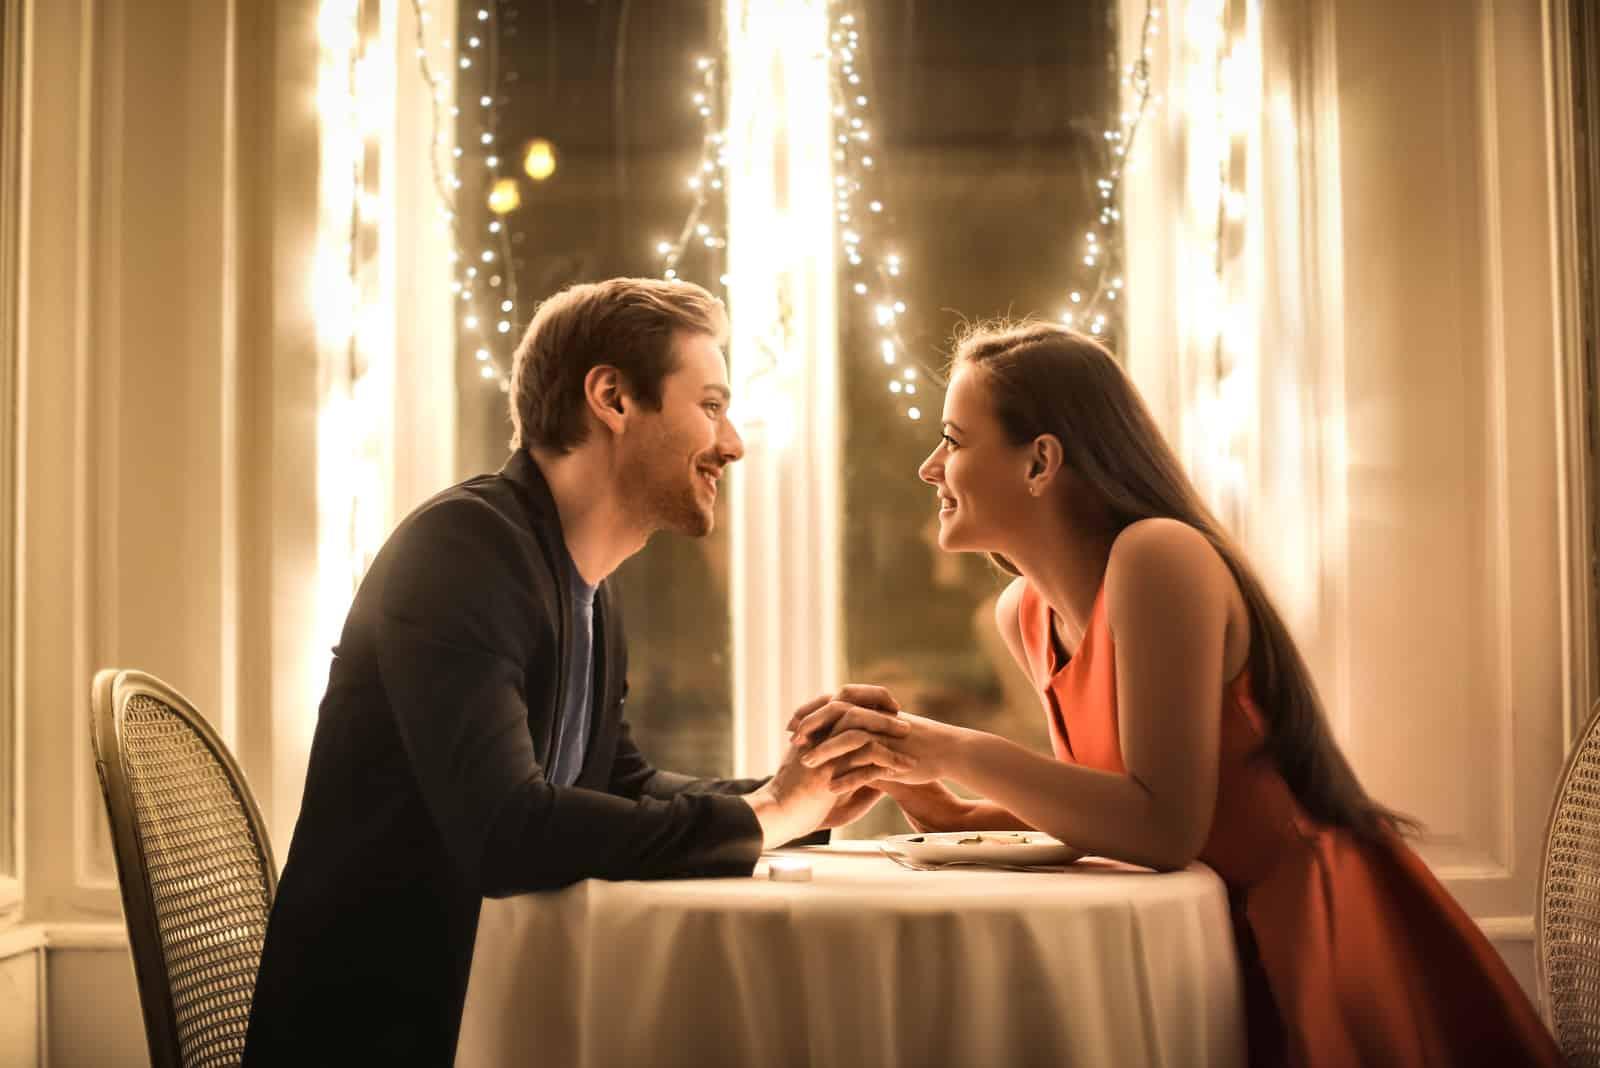 un homme et une femme sont assis à une table et se tiennent la main